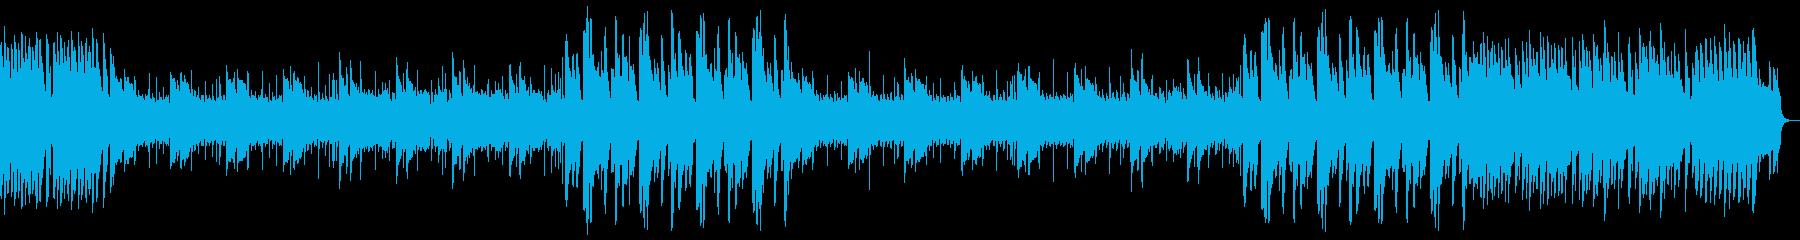 8bit ポップでコミカルな宇宙空間の再生済みの波形